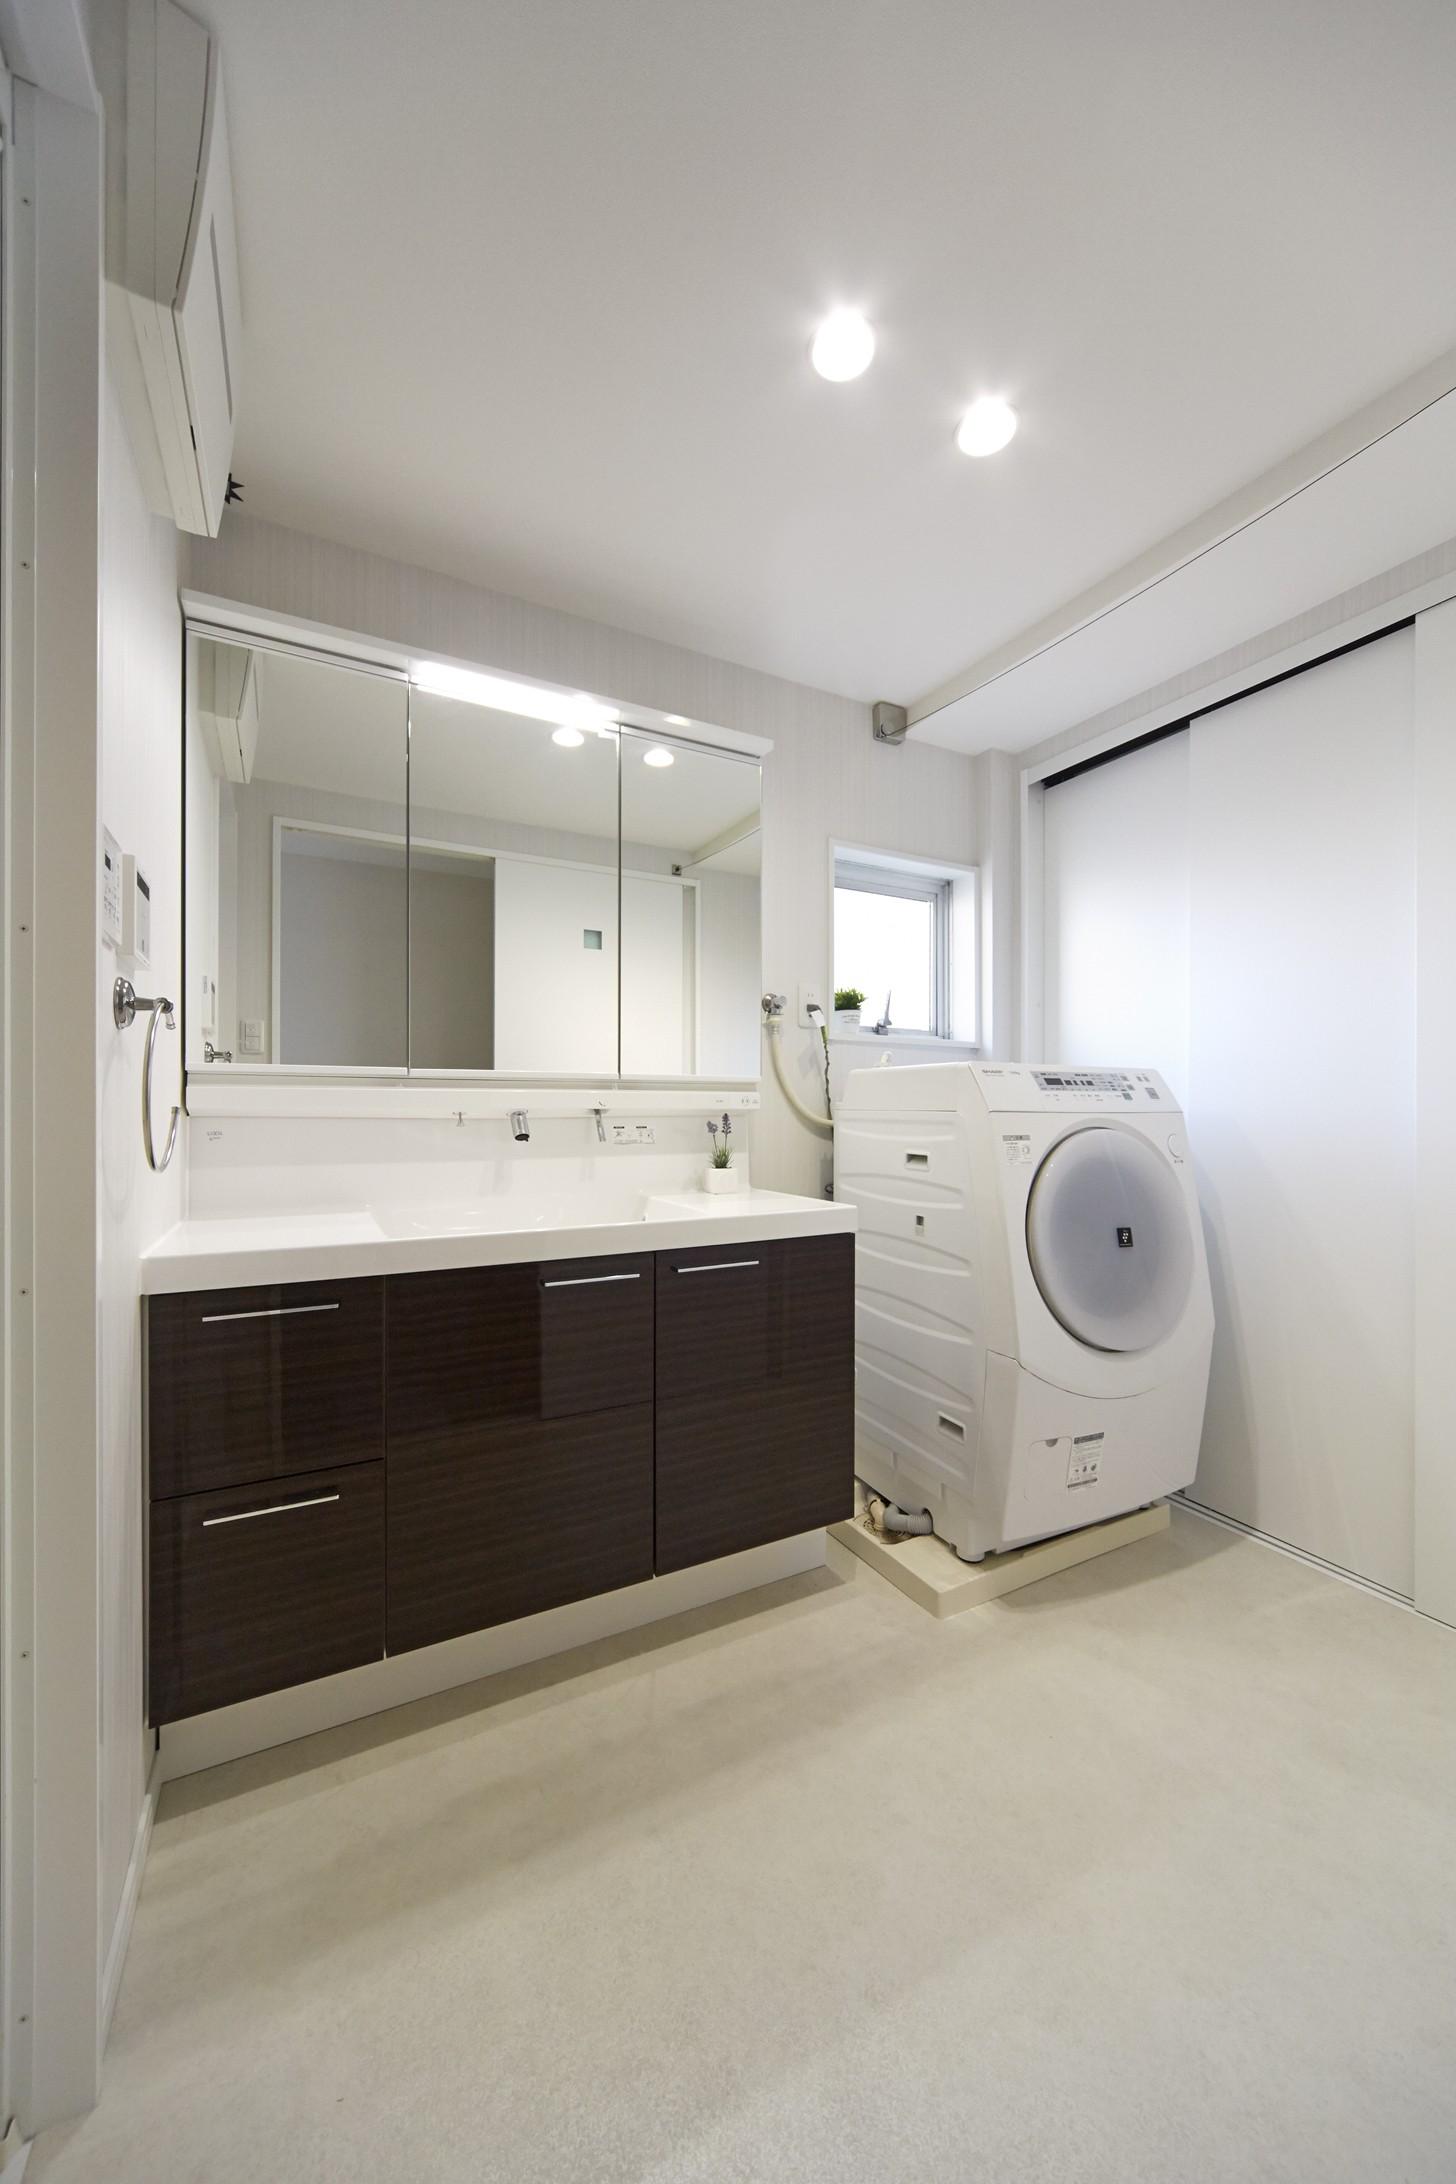 その他事例:「洗う、干す、仕舞う」が一空間でできるママに嬉しい洗面室(リビングに集うシンプルモダンな暮らし)